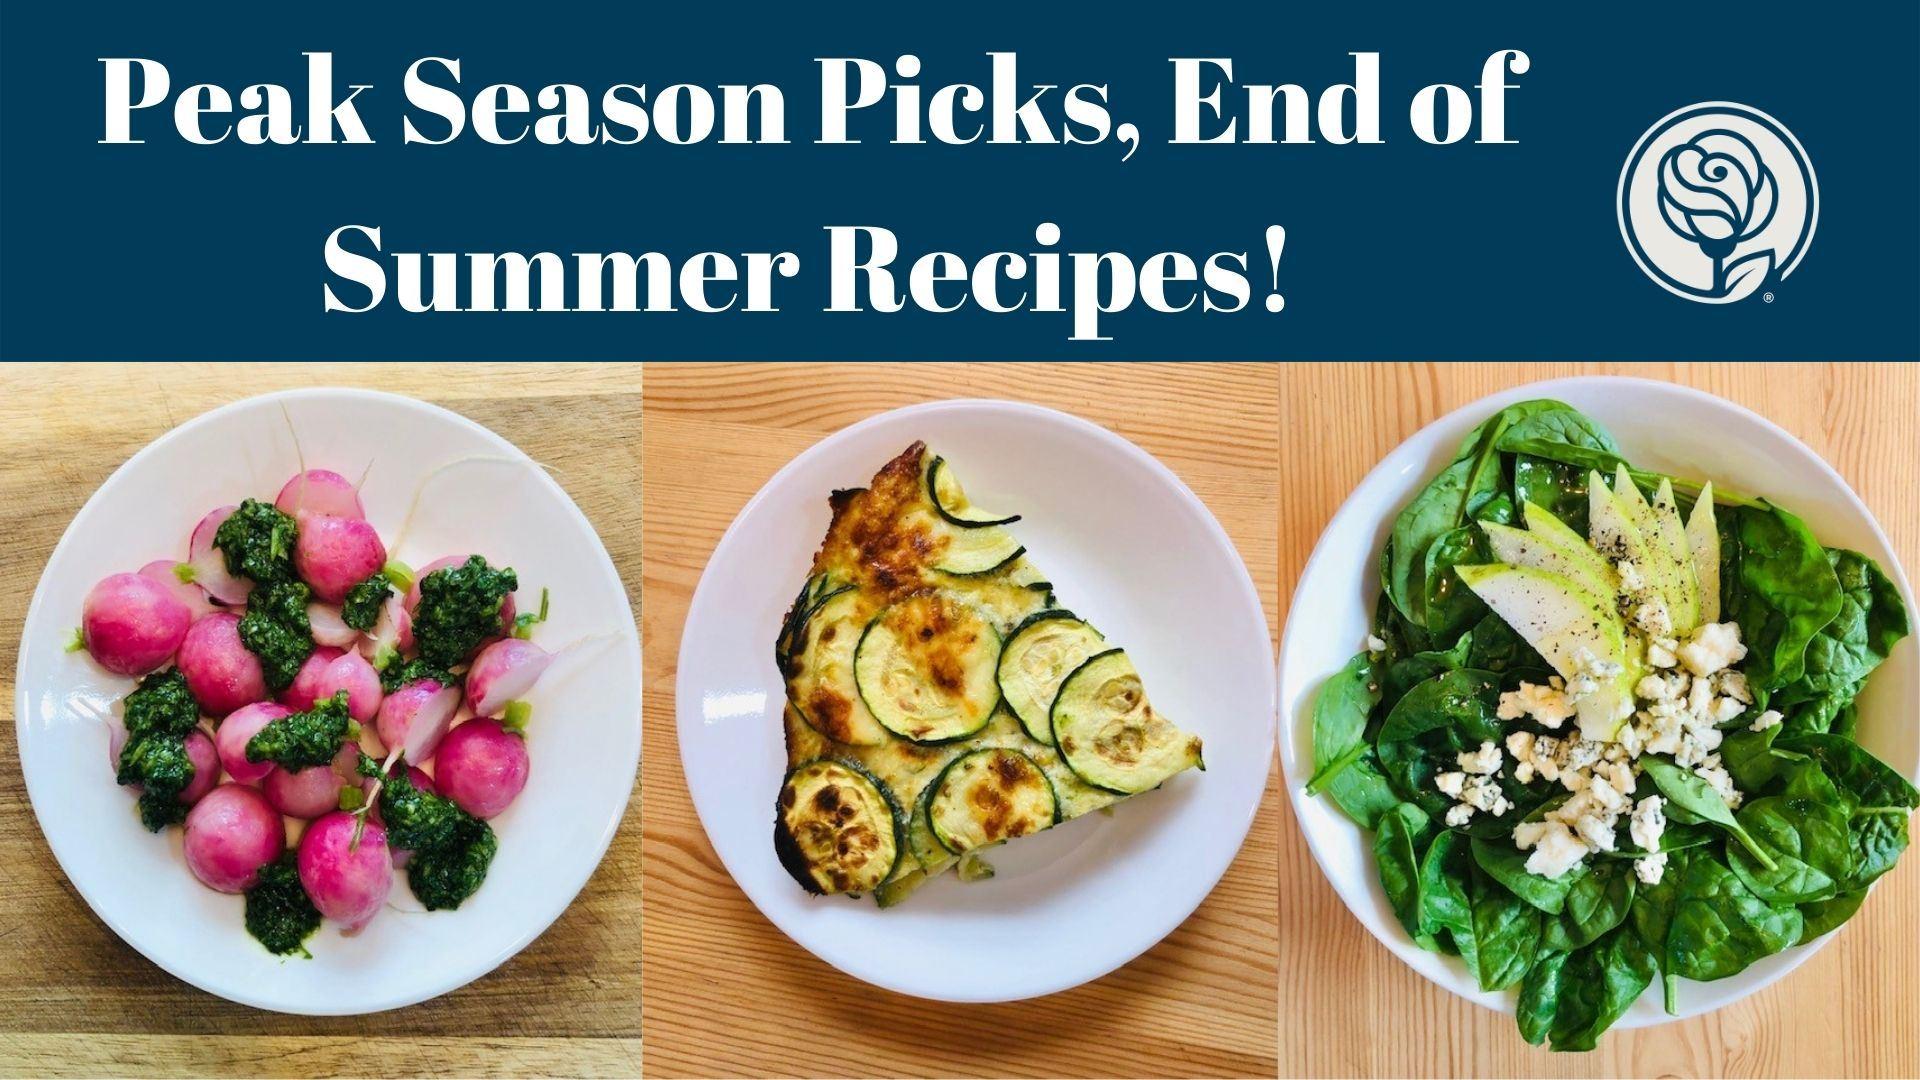 Peak Season Picks End of Summer Produce